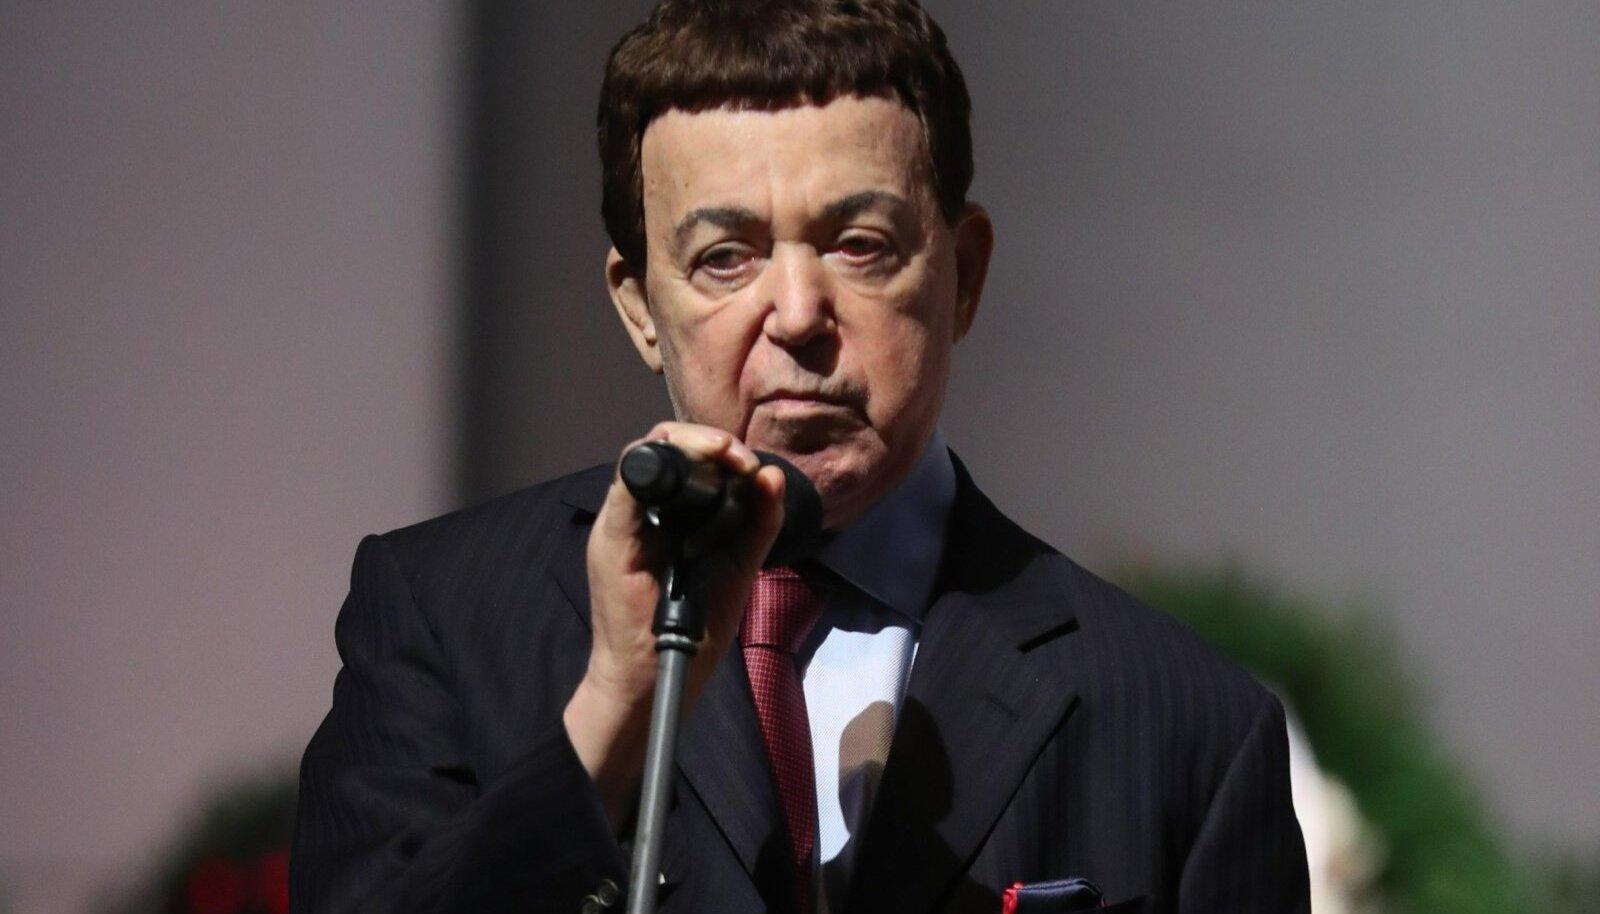 Jossif Kobzon